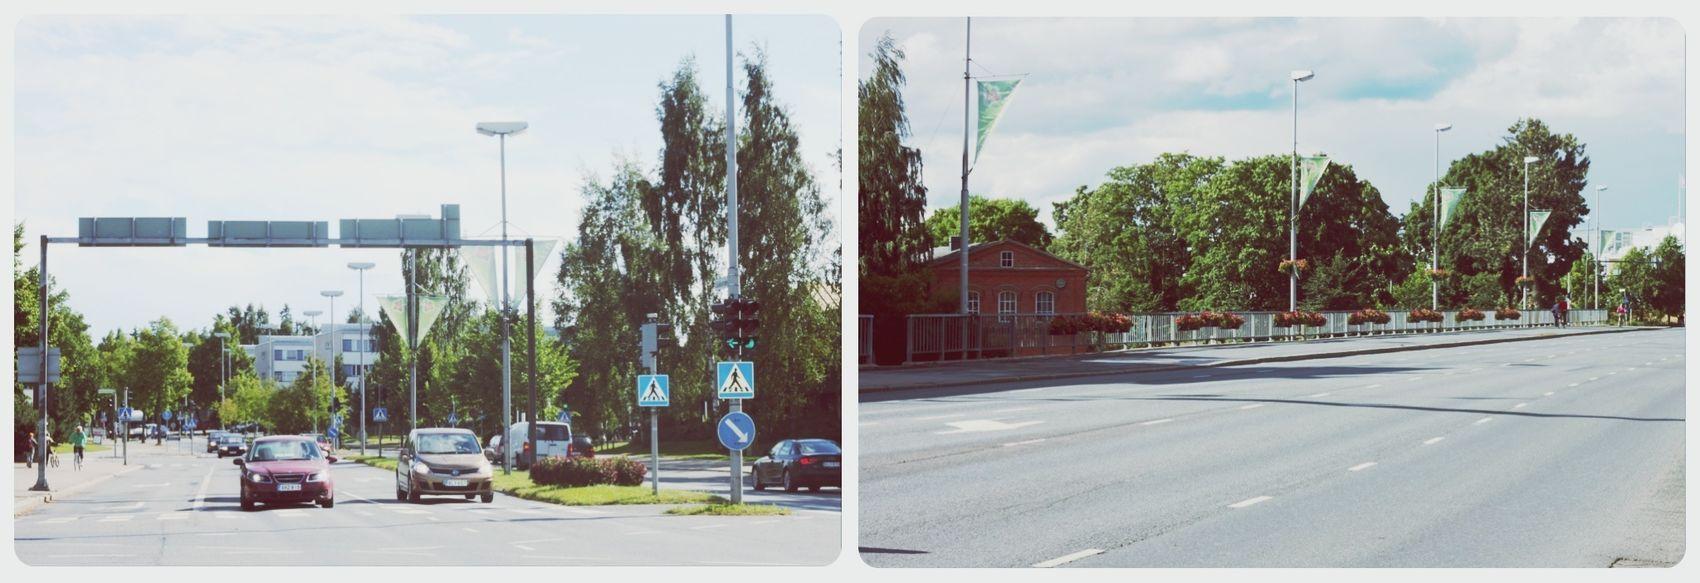 Valkeakoski Road